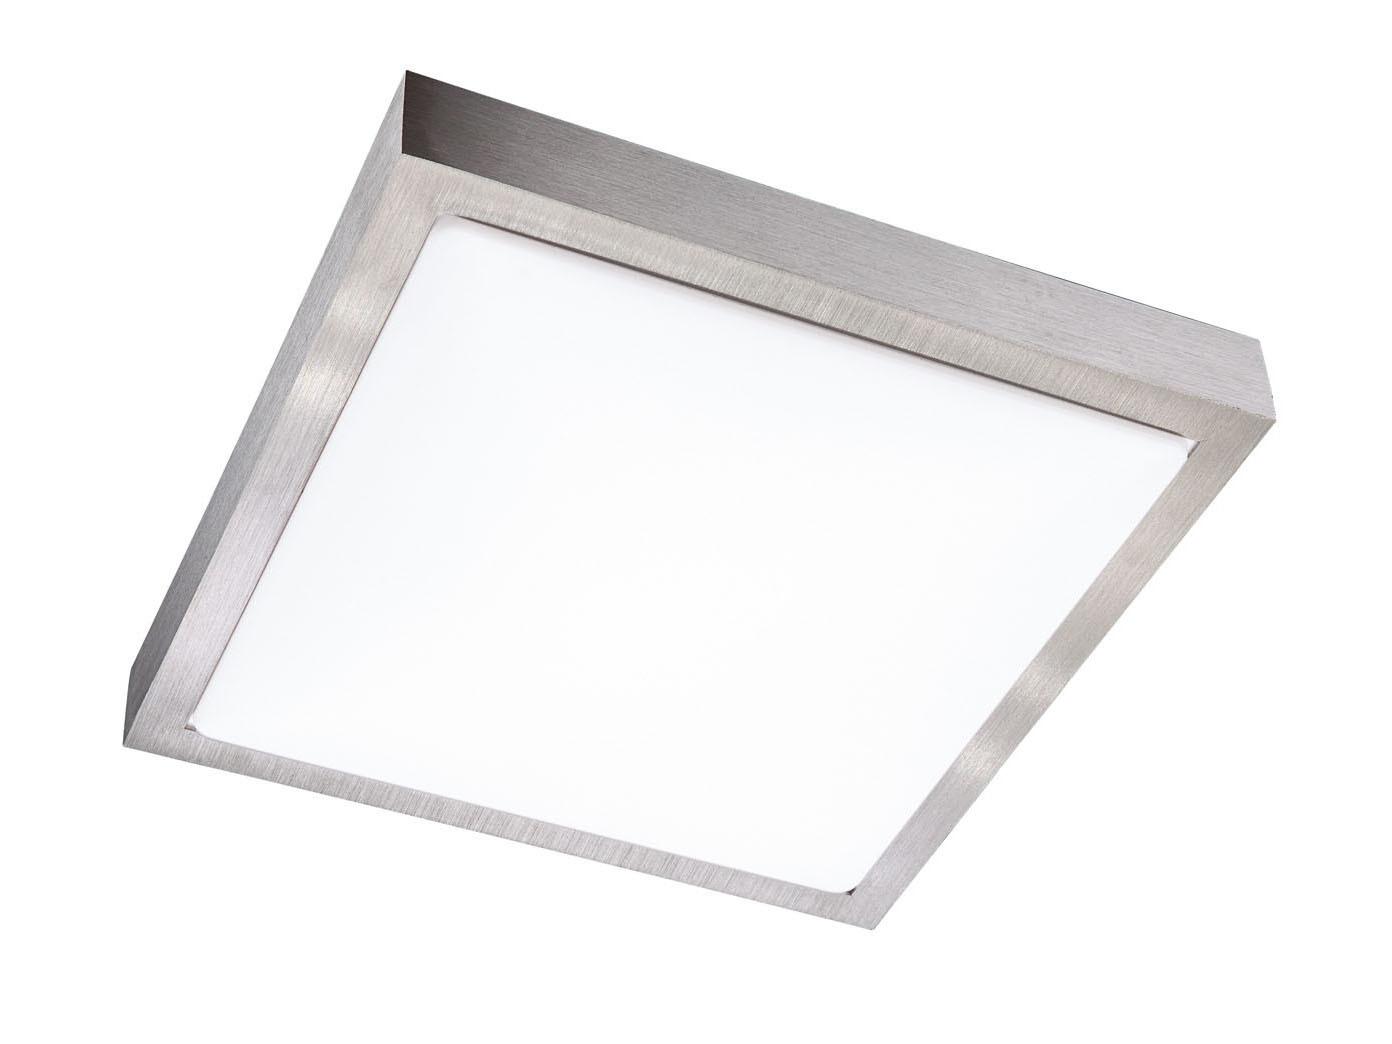 Moderne led deckenleuchte quadratisch cm action by wofi